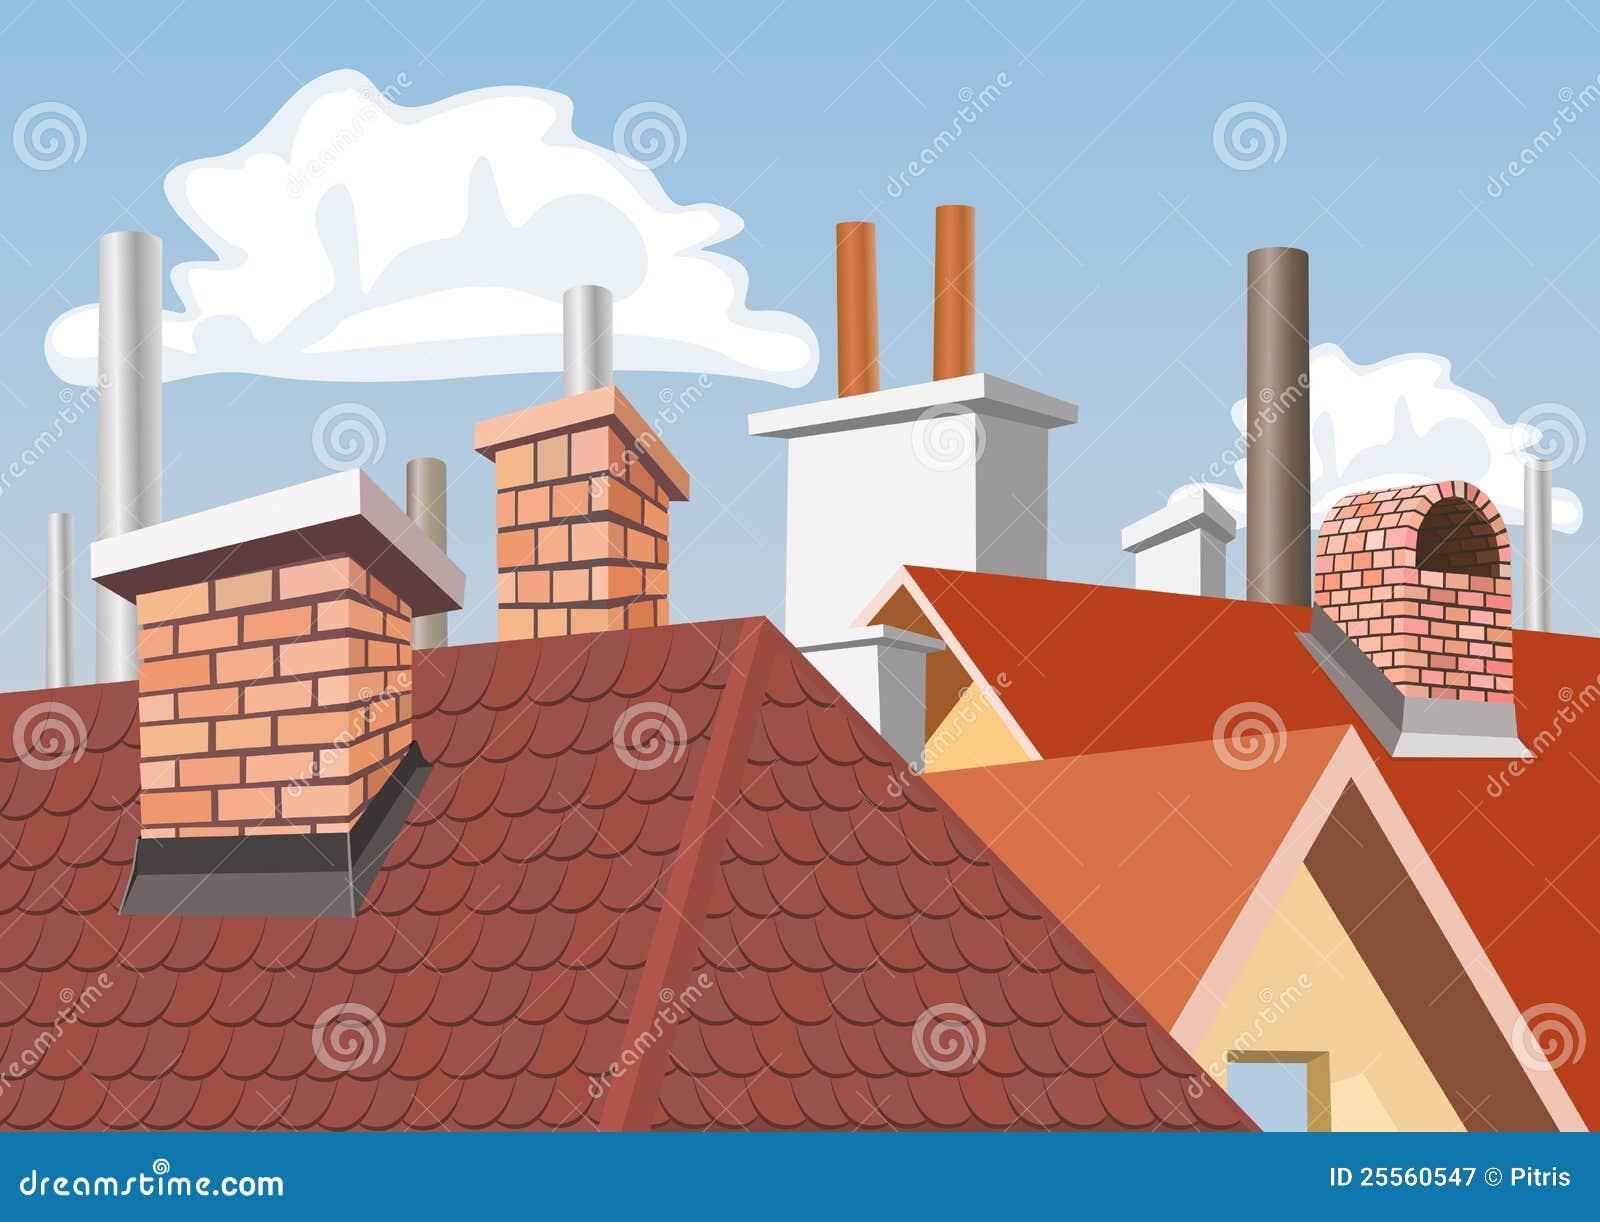 Chimeneas en las azoteas de casas ilustraci n del vector - Dibujos de tejados ...